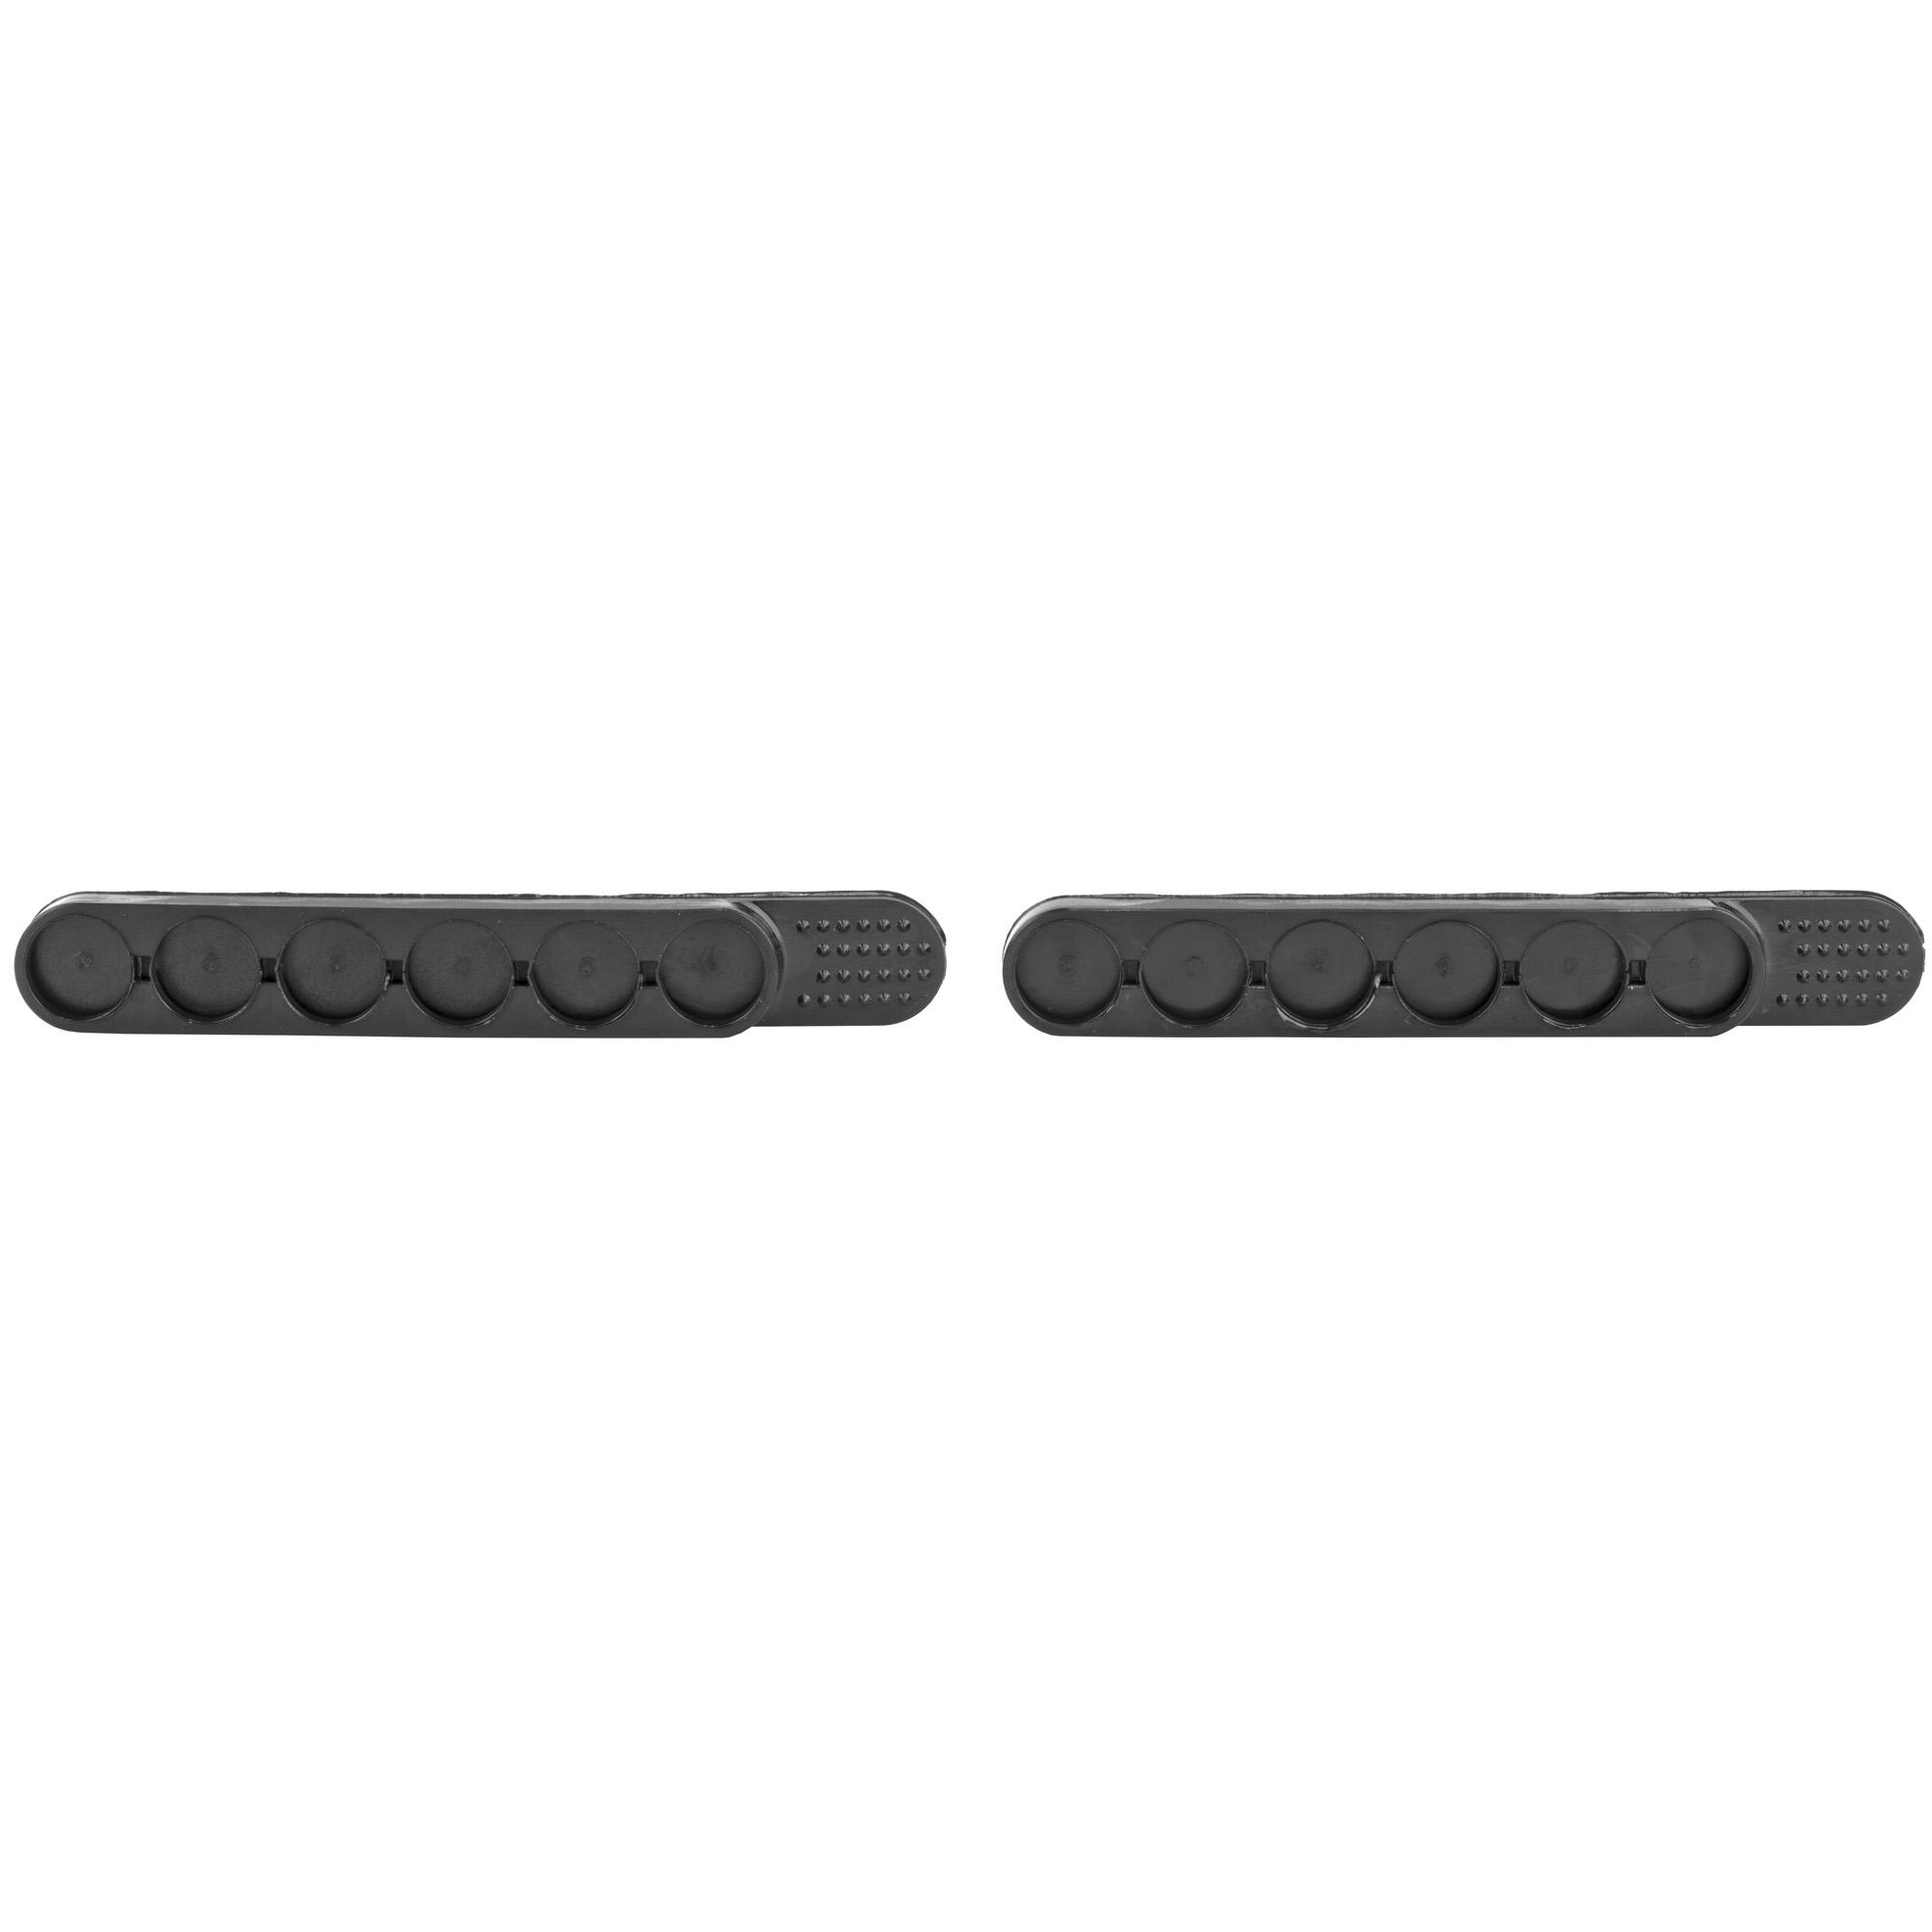 Bianchi #580 Speed Strips 44/45 2pk